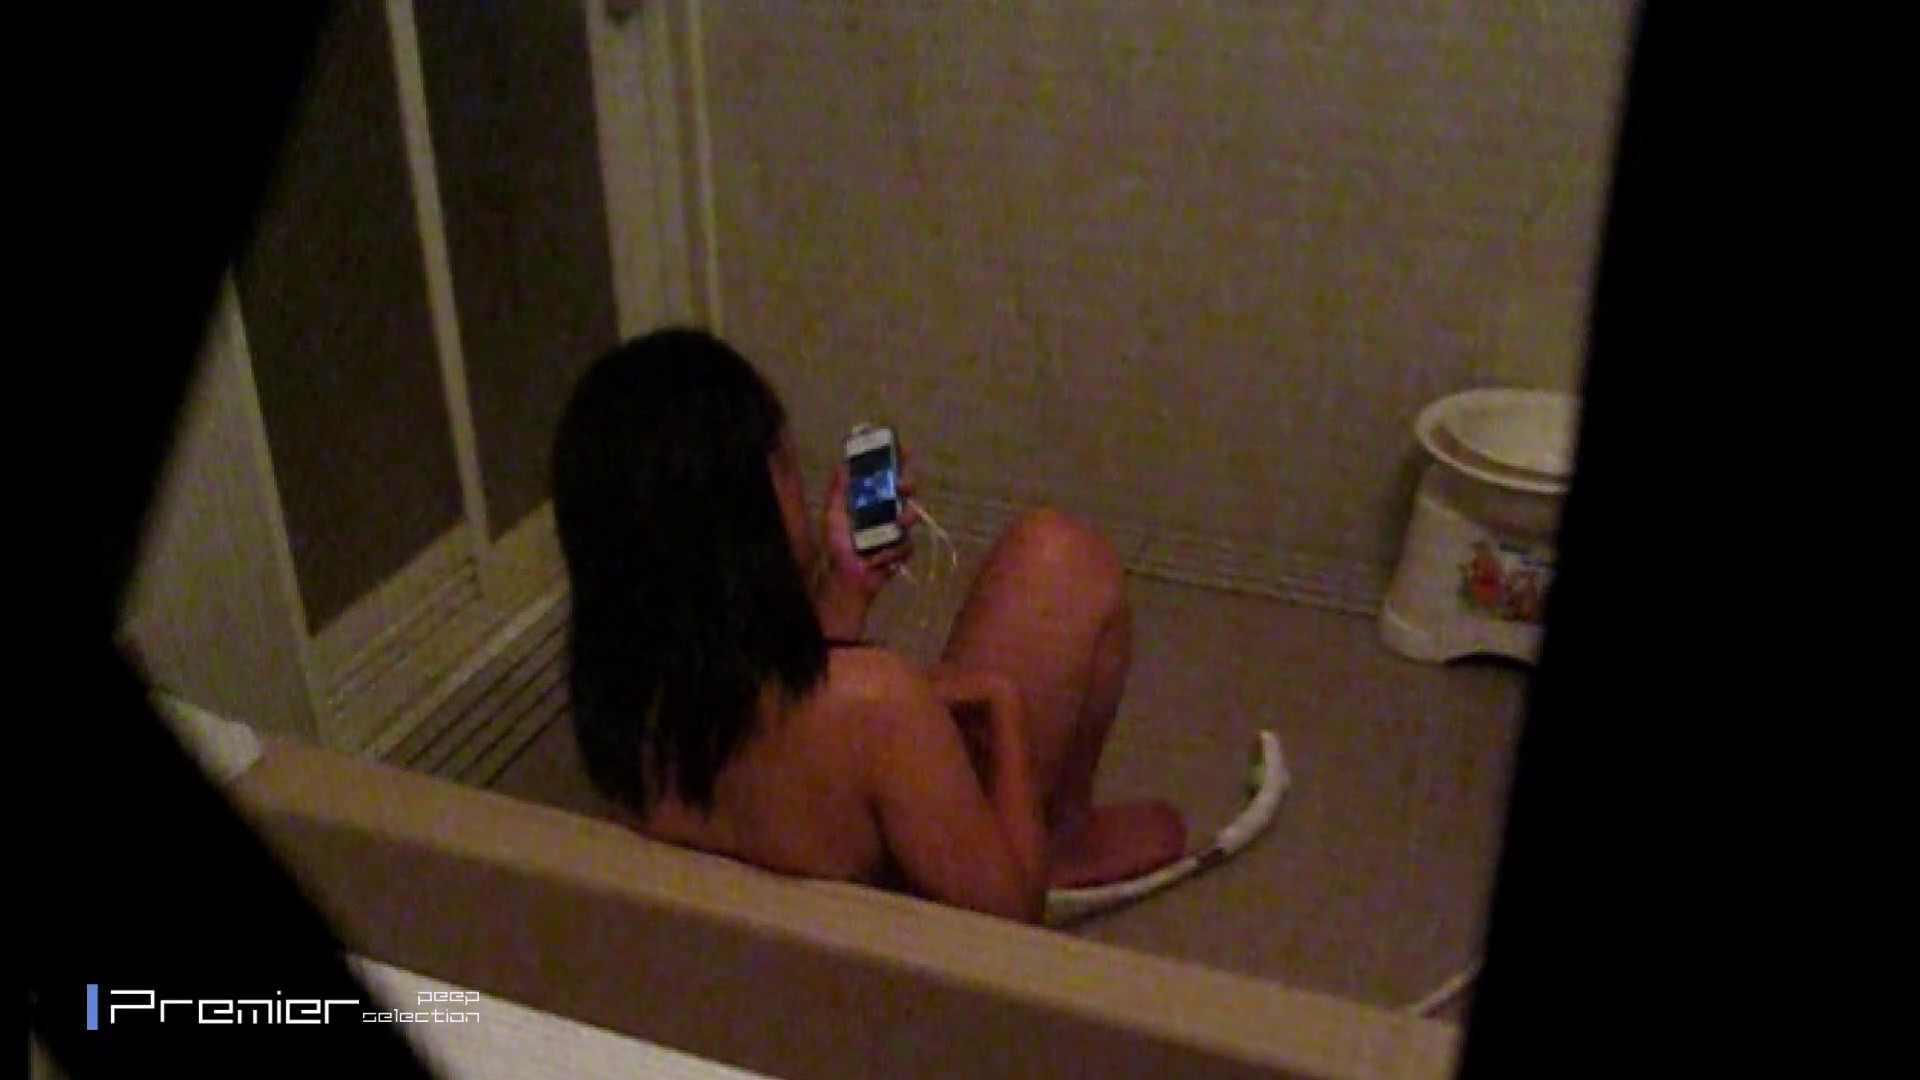 携帯触りなが満子をいじる 乙女の風呂場 Vol.19 OLの実態  98pic 36